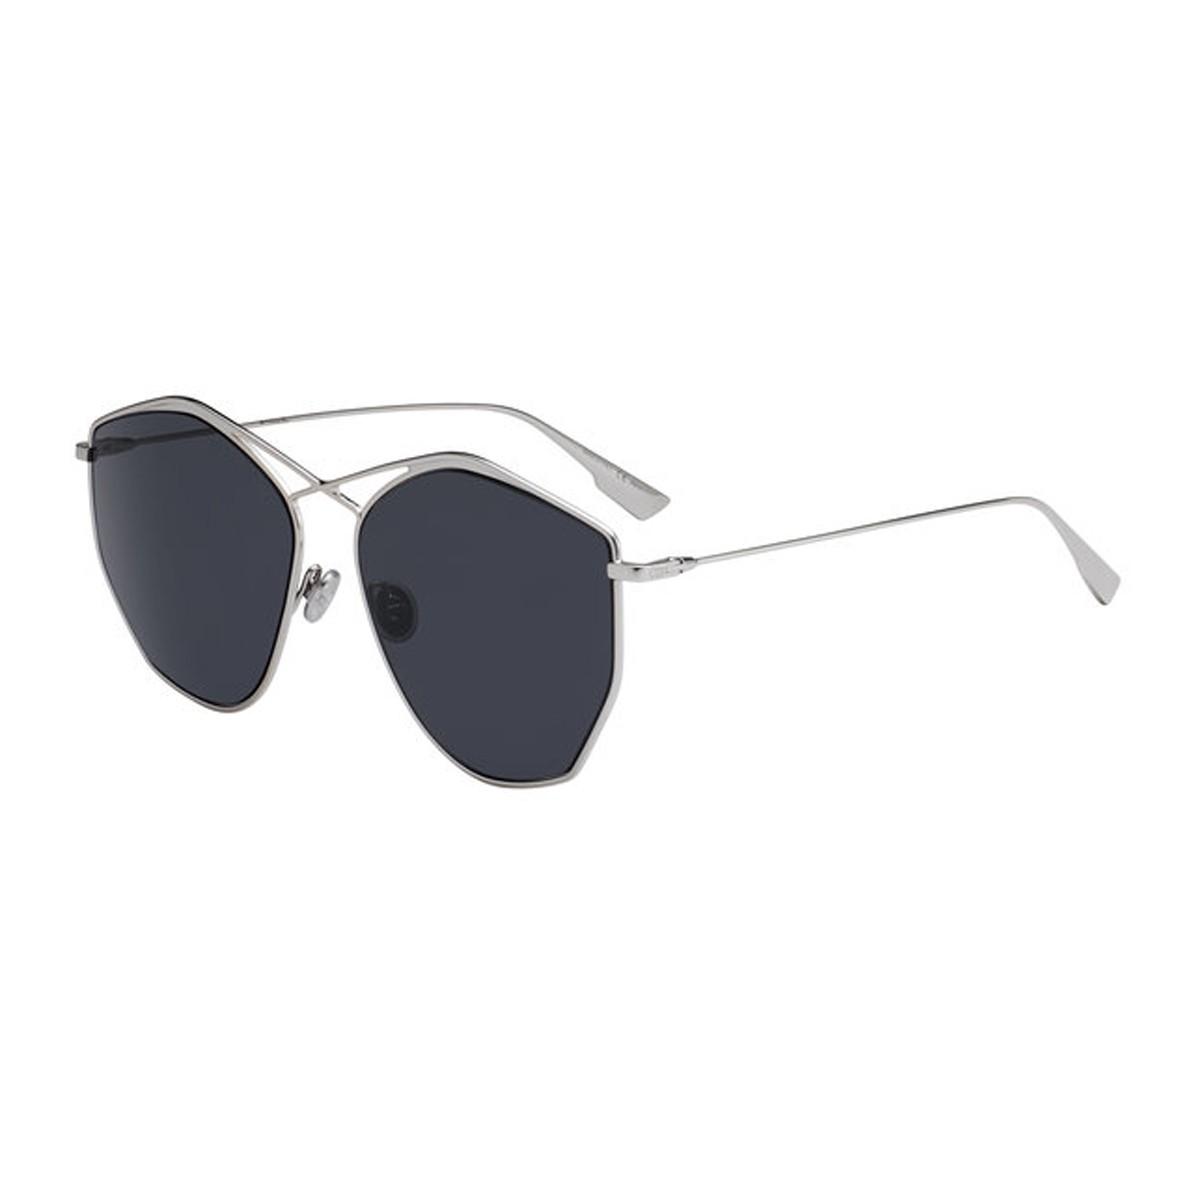 Dior Stellaire 4 | Occhiali da sole Unisex